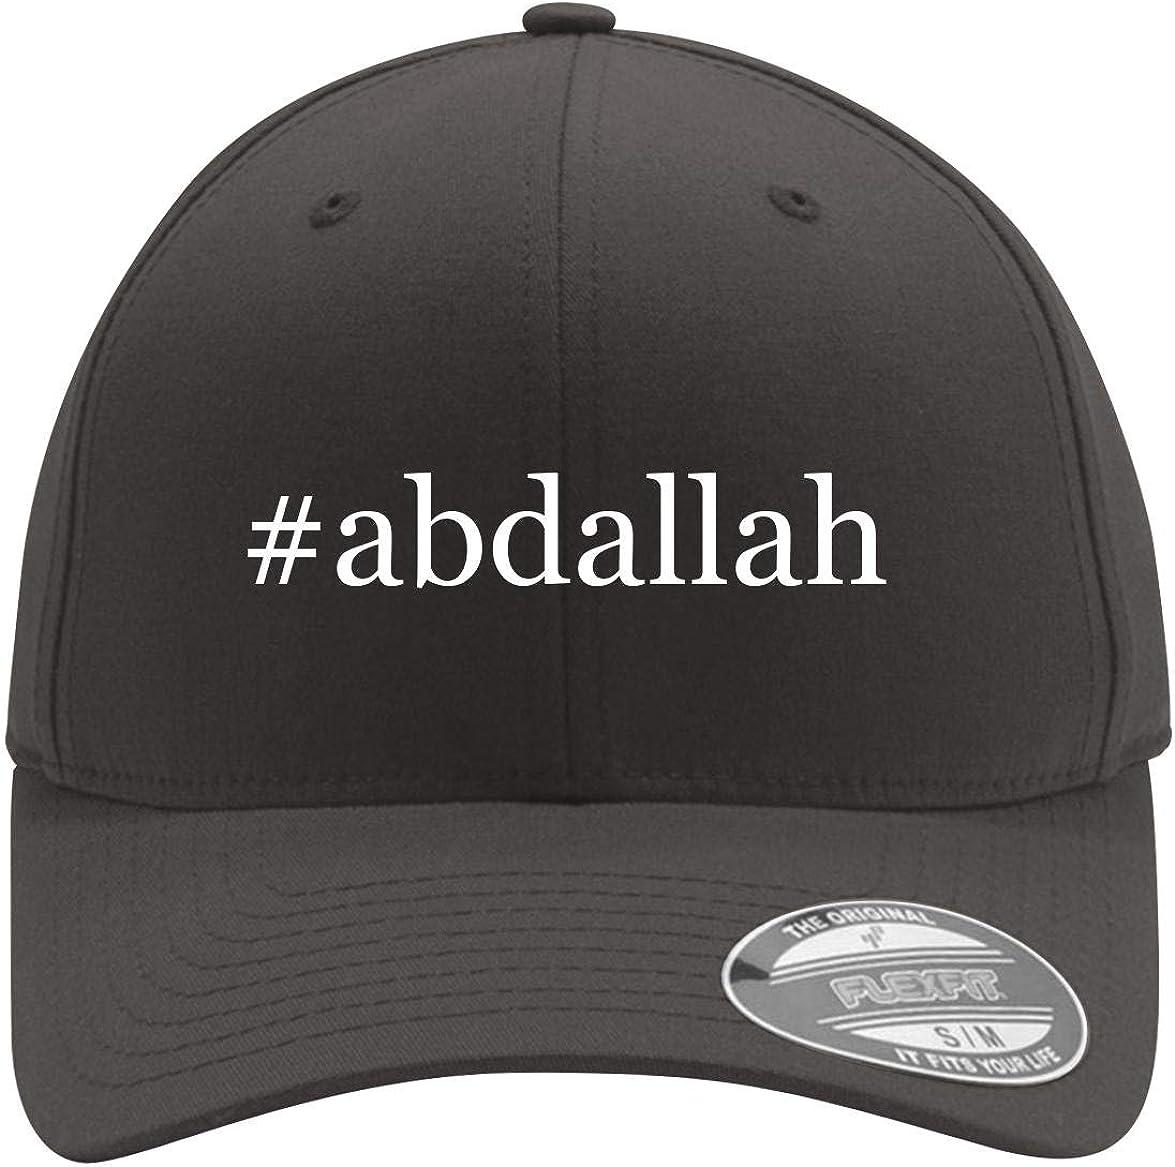 #Abdallah - Adult Men'S Hashtag Flexfit Baseball Hut Cap